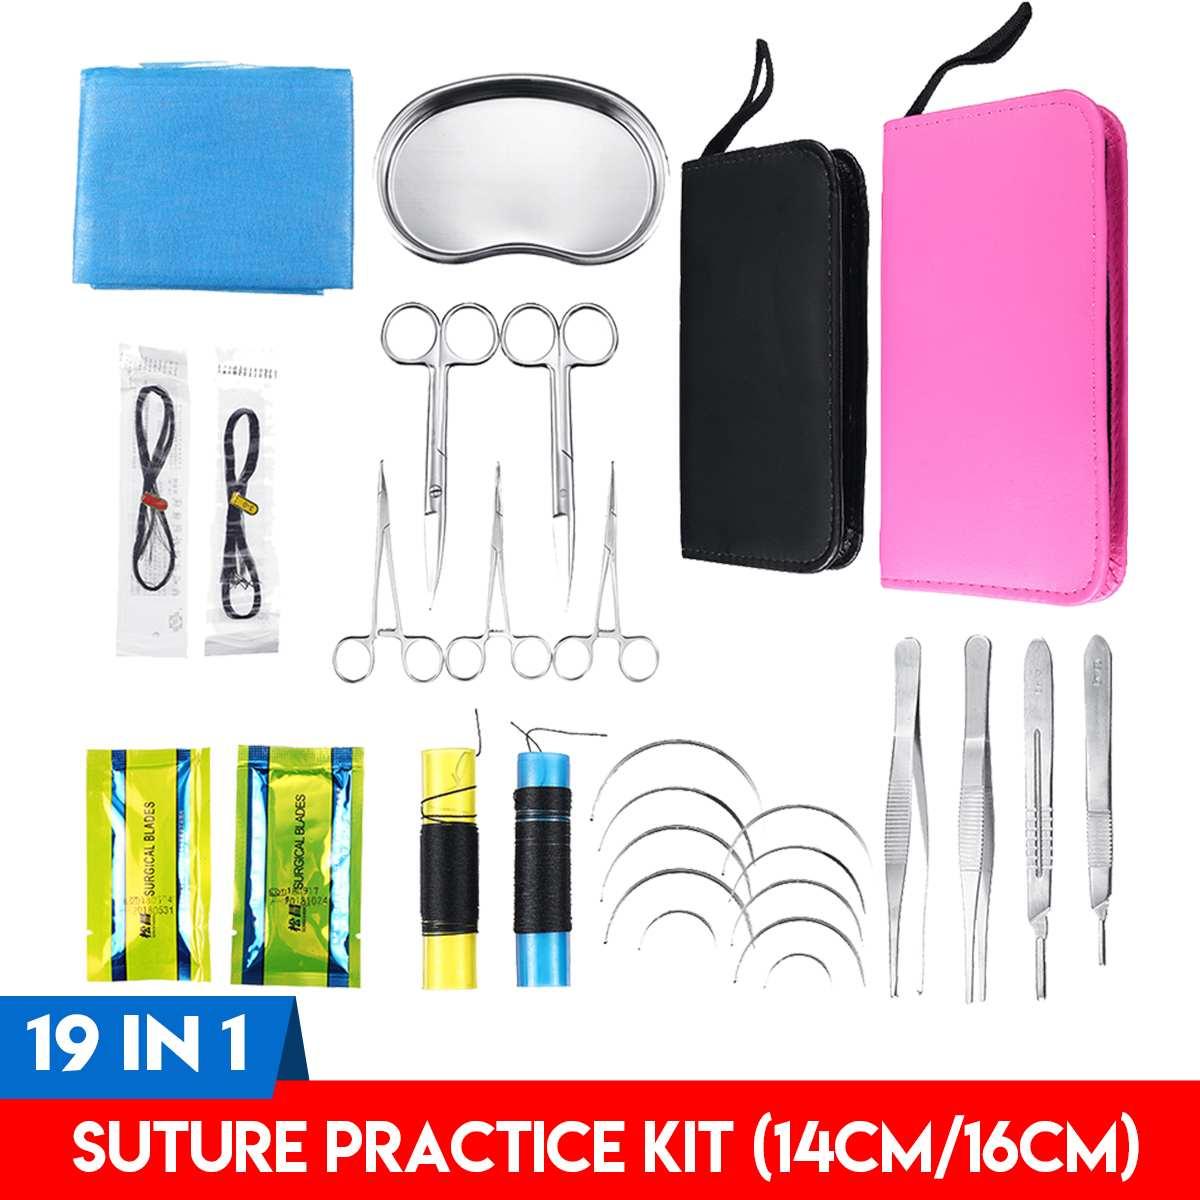 19 pièces Kit de pratique de Suture outil de formation pédagogique de surface avec sac Oxford outils d'enseignement des sciences médicales multifonctions